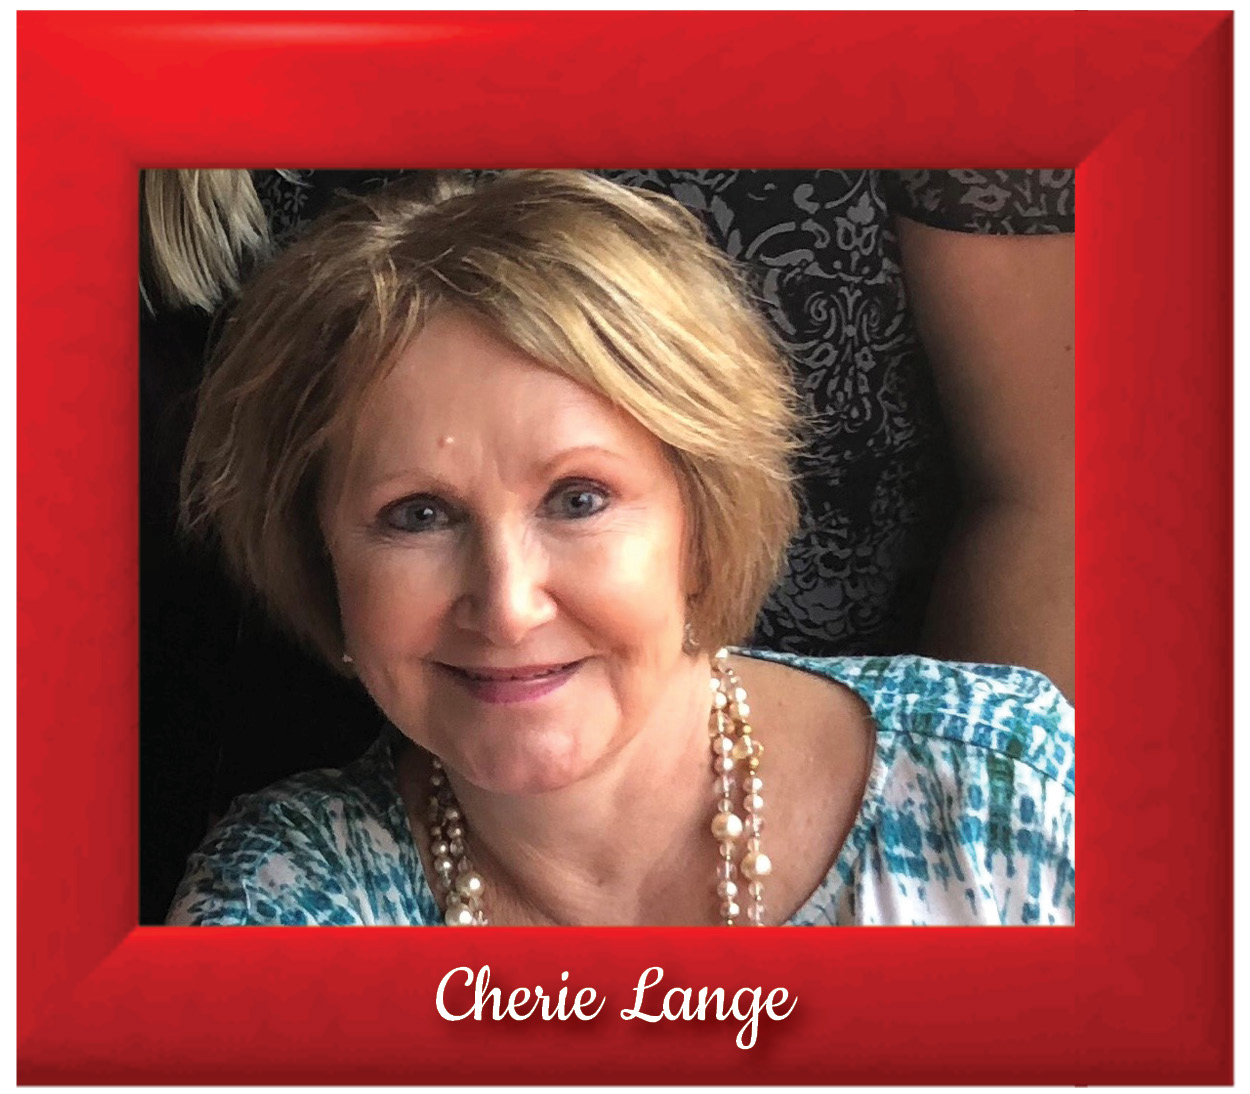 Cherie Lange